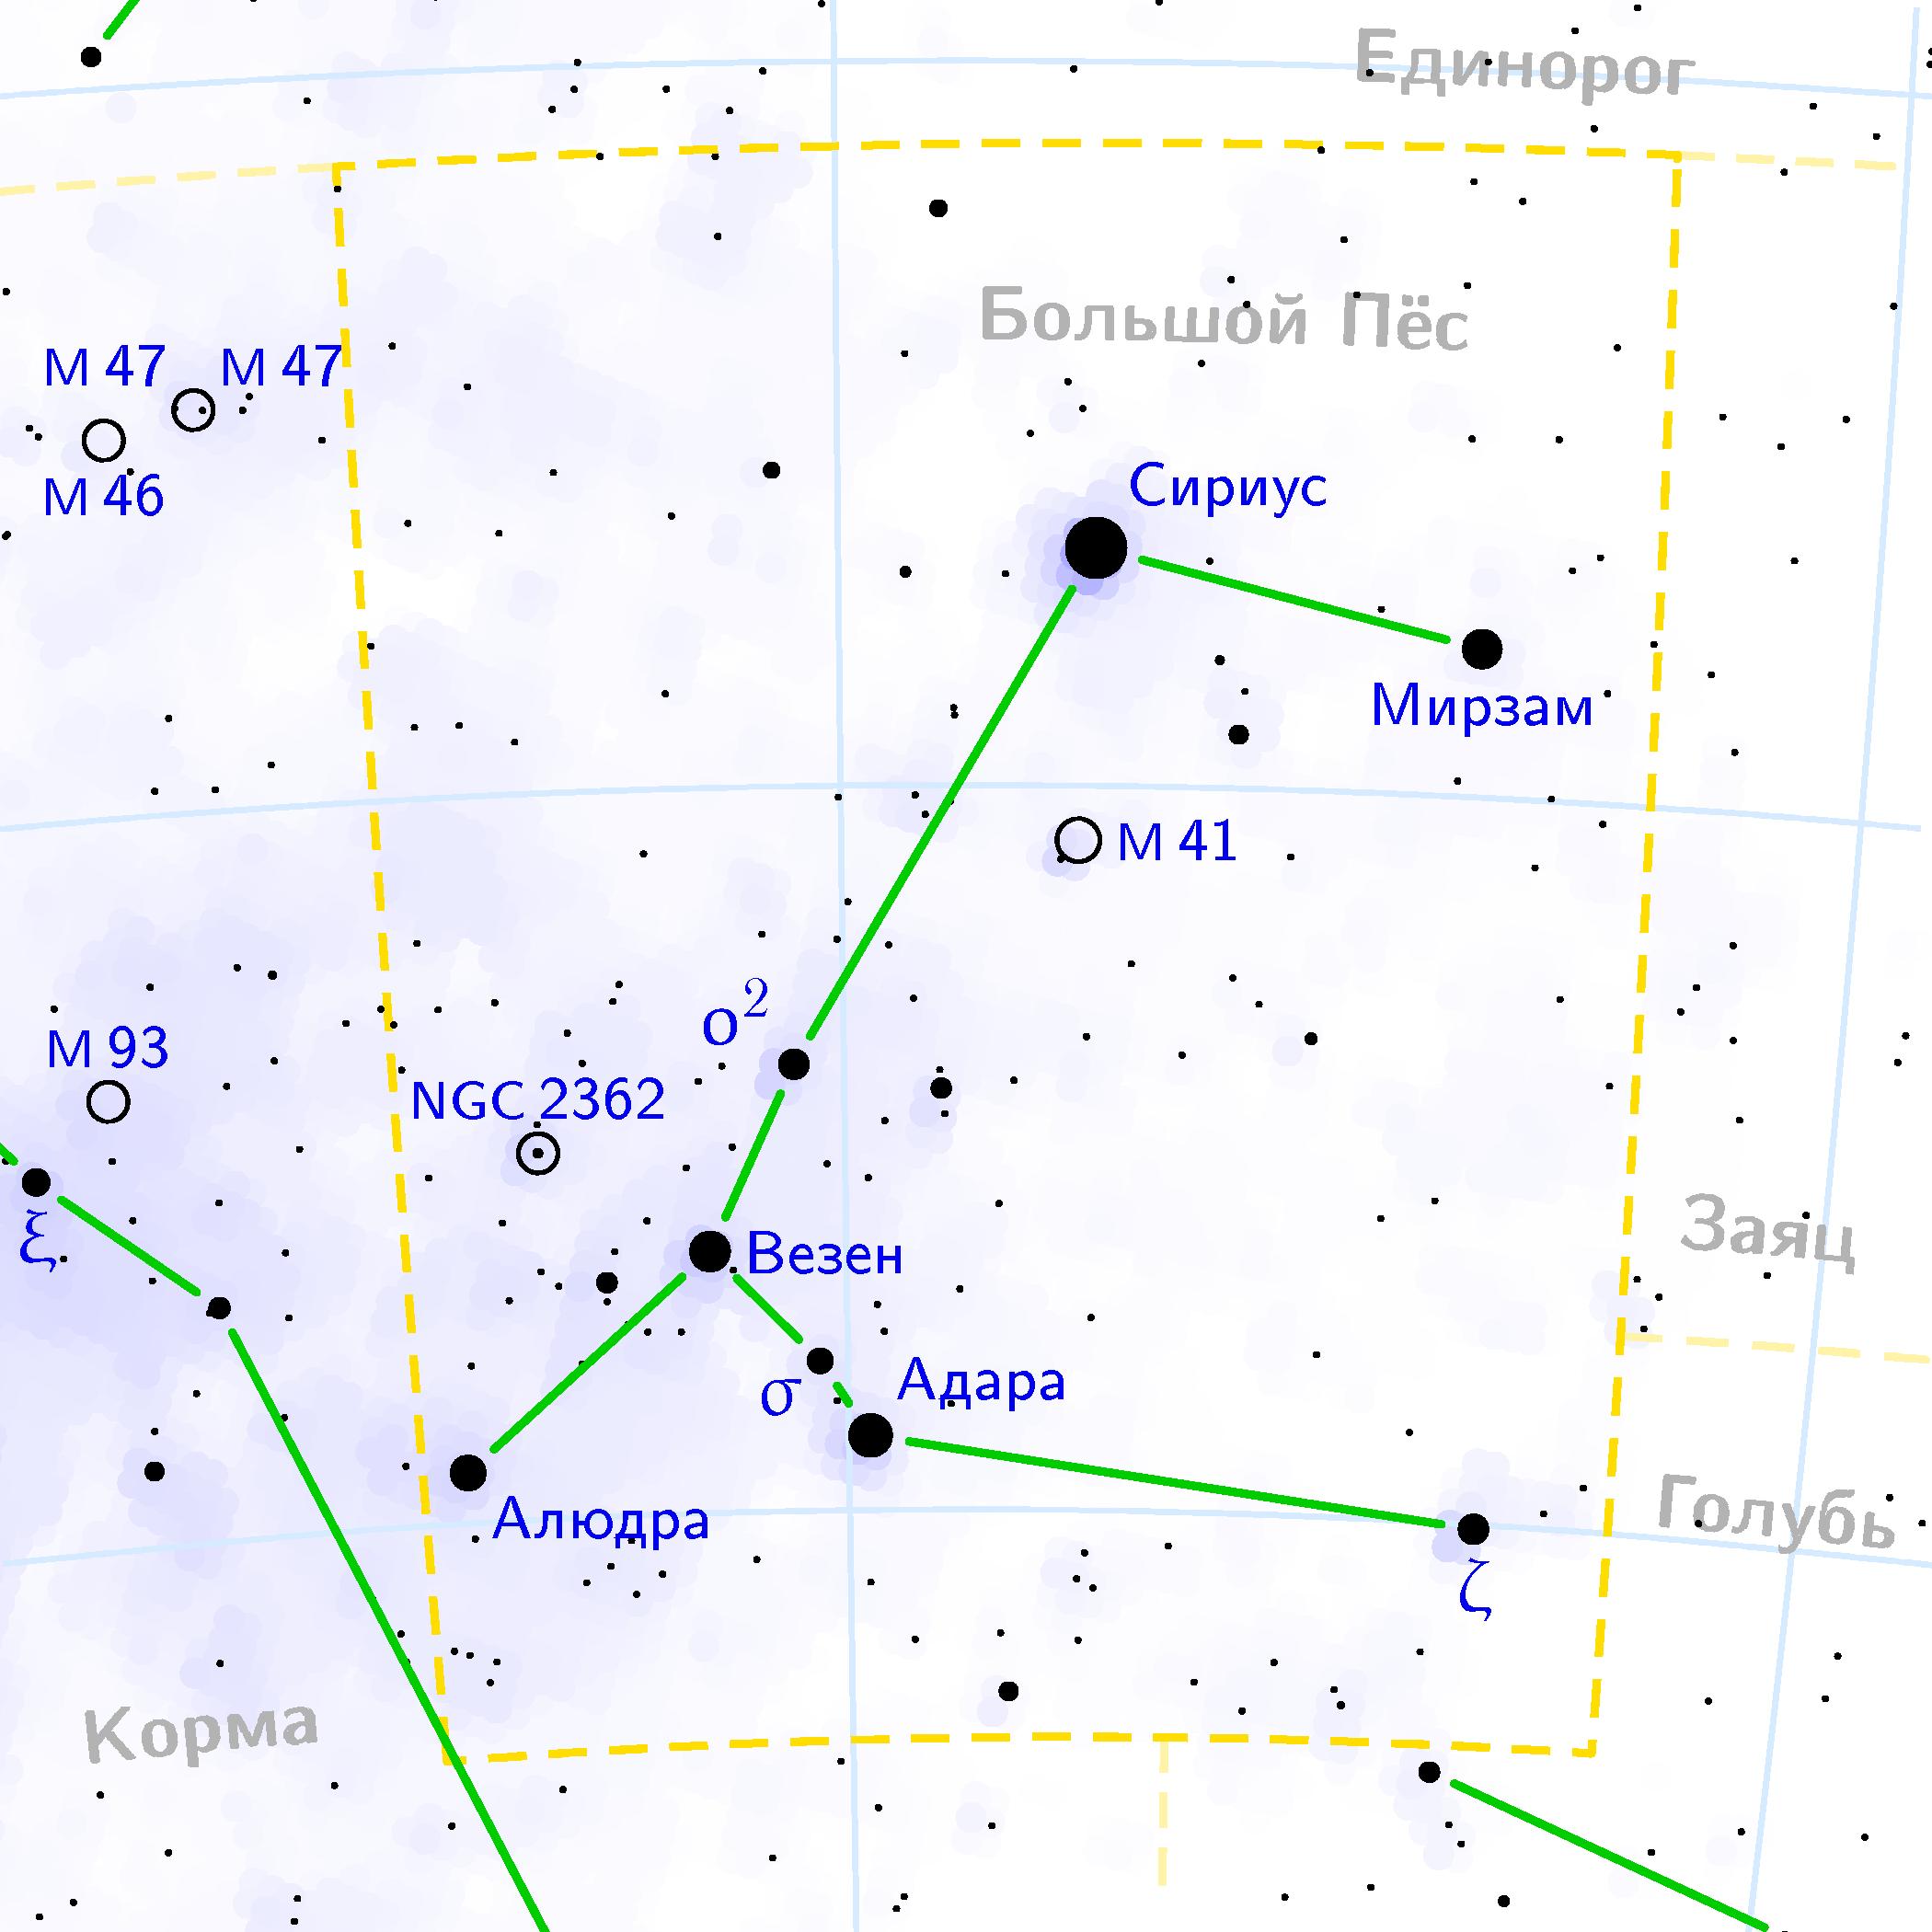 Доклад о созвездии большой пес 1903